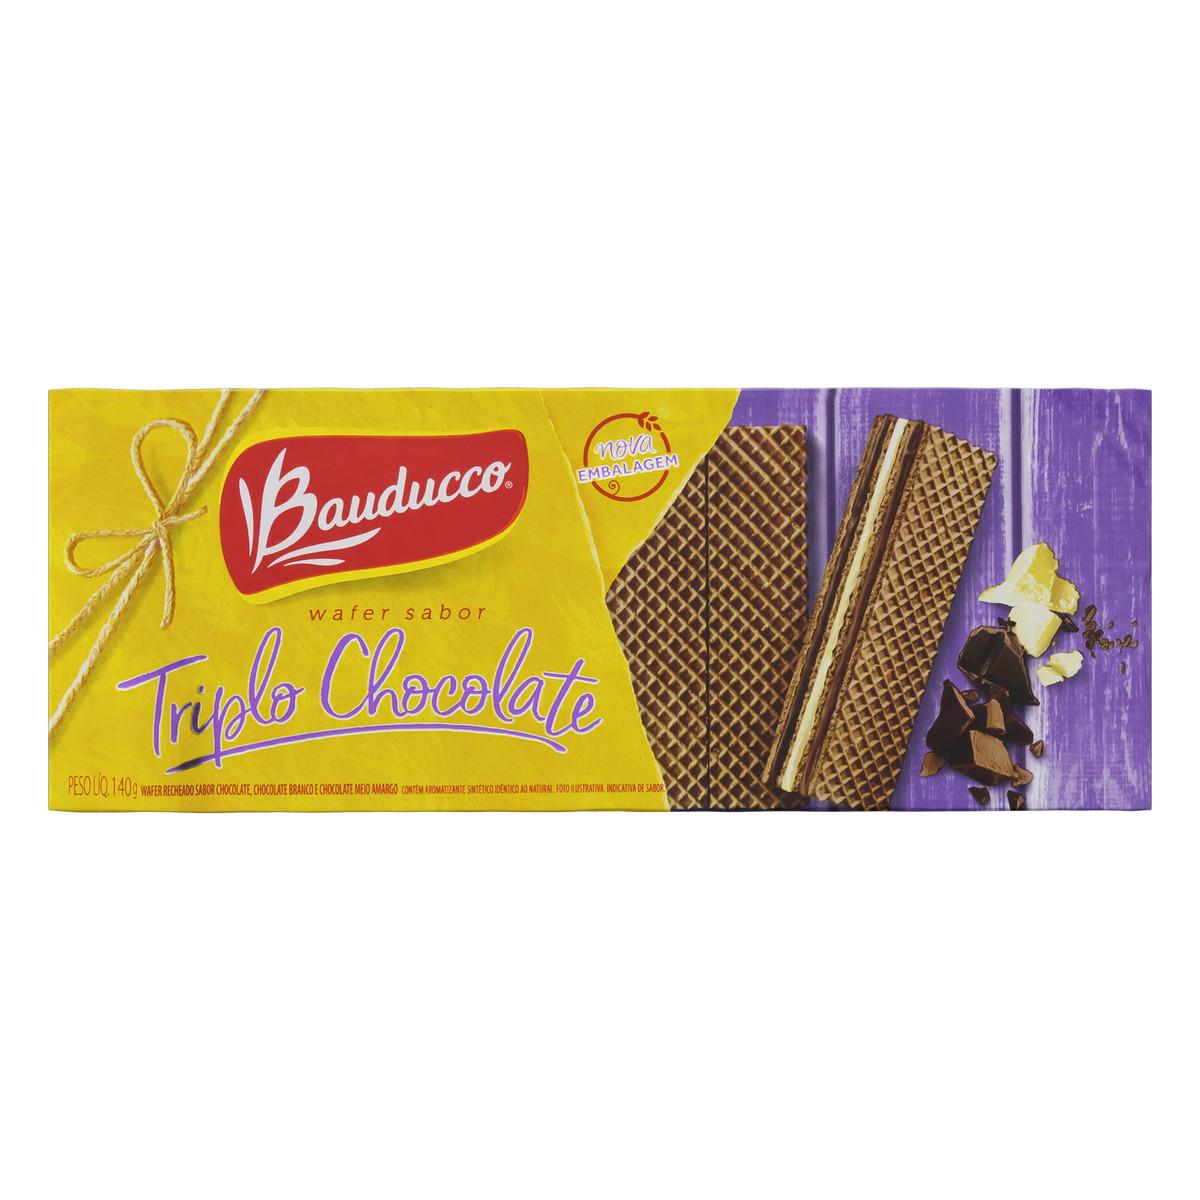 Biscoito Wafer Recheado Triplo Chocolate Bauducco Pacote 140g